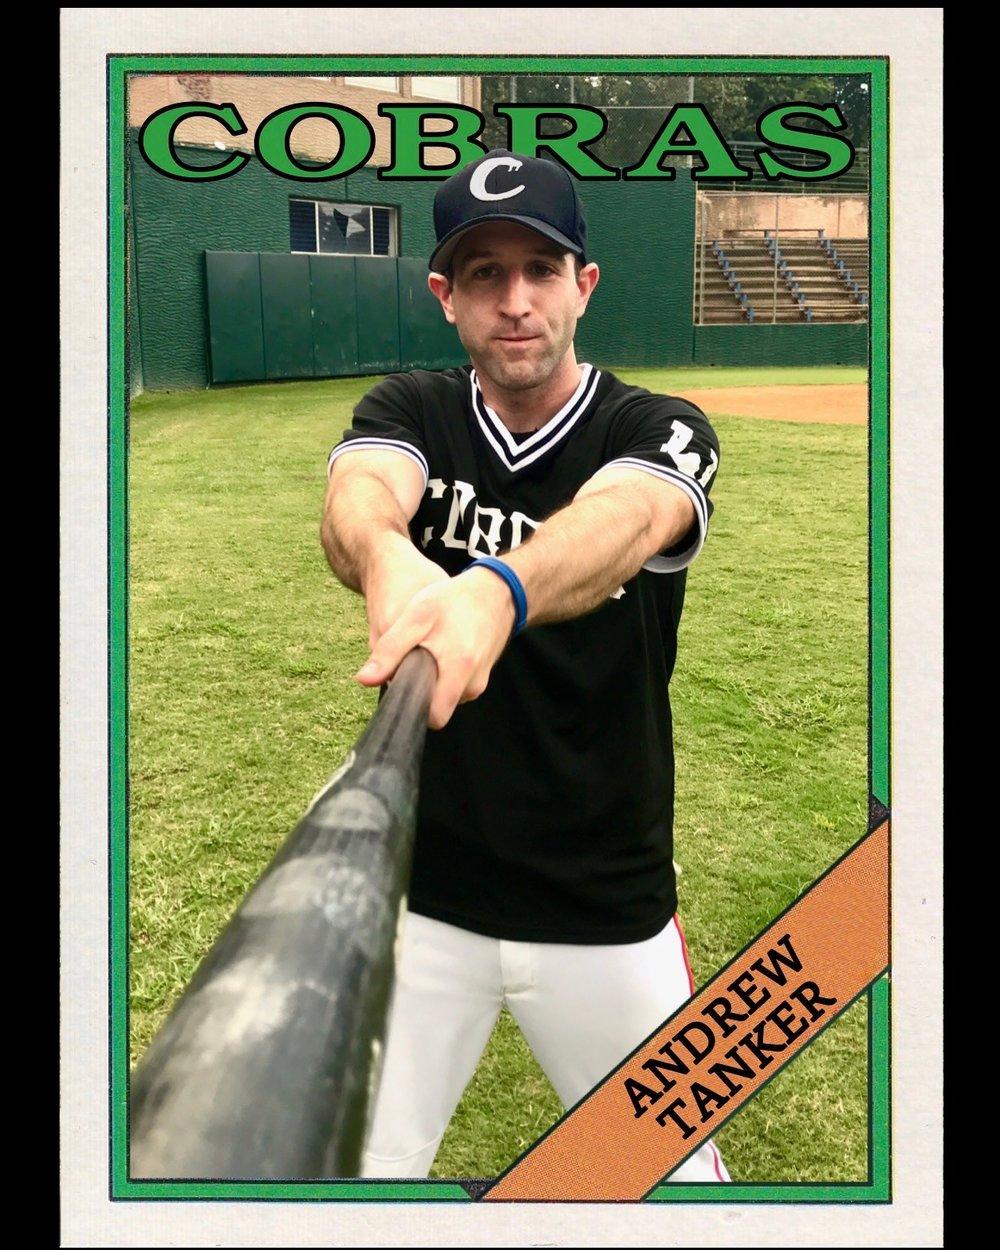 #11 - Andrew Tanker